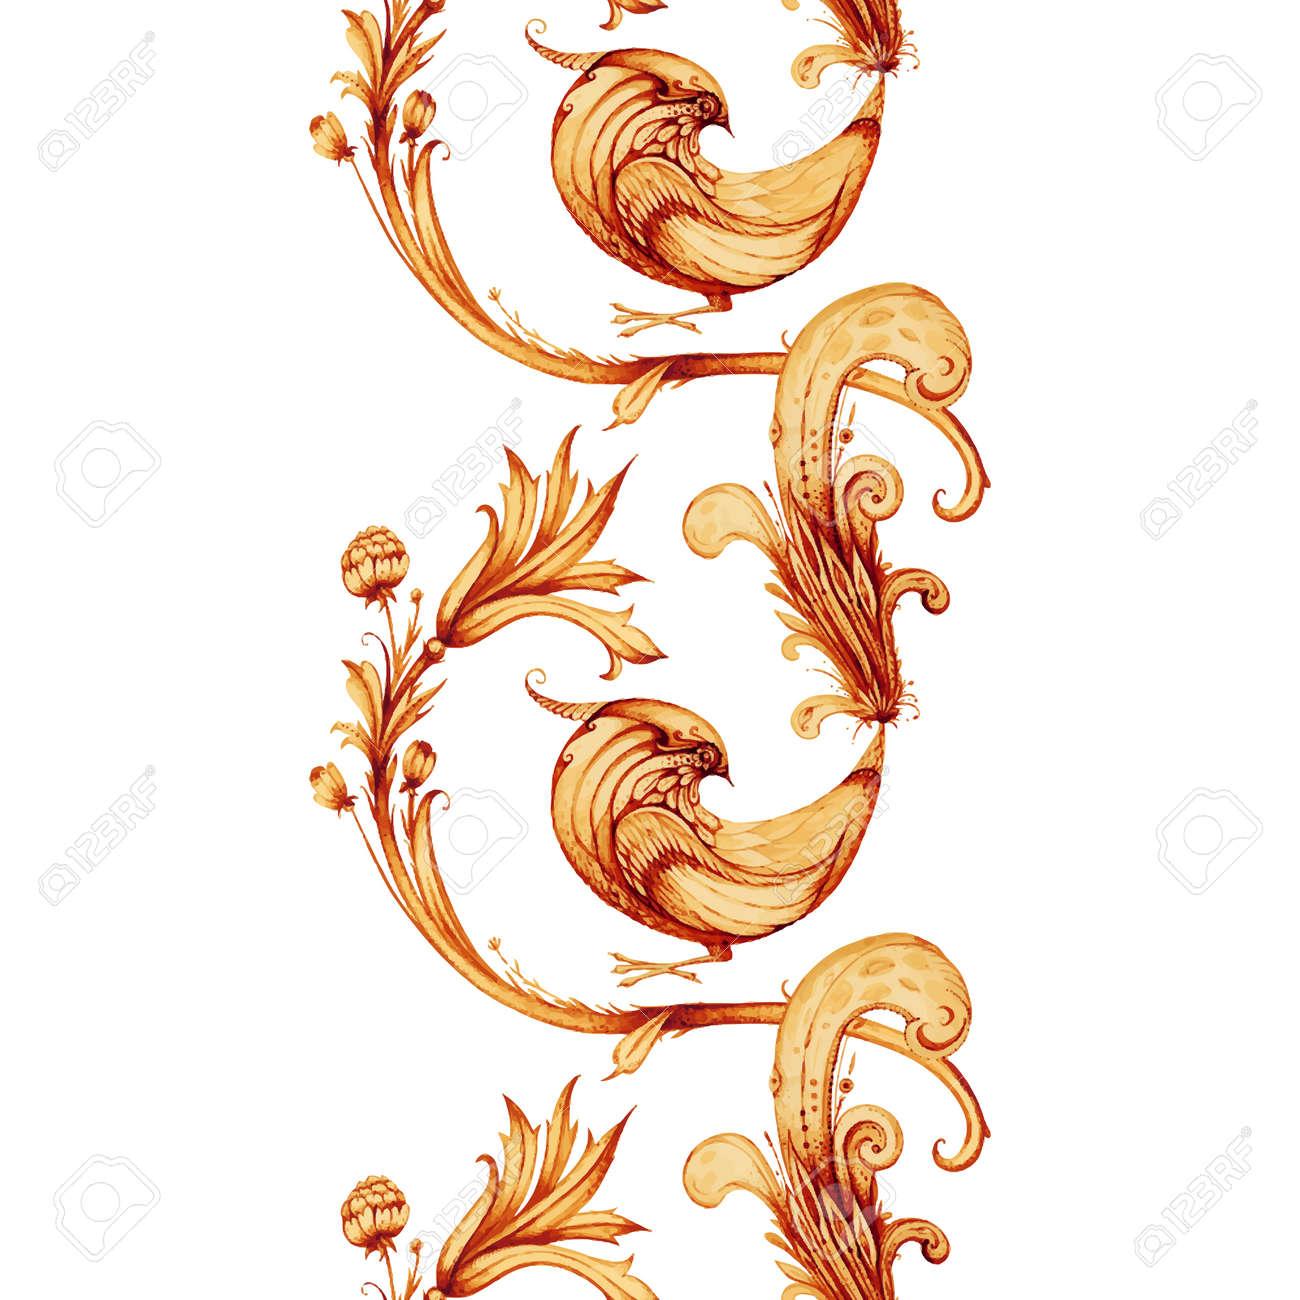 Vector Aquarellmalerei Firebird Und Blumen Isoliert Auf Weissem